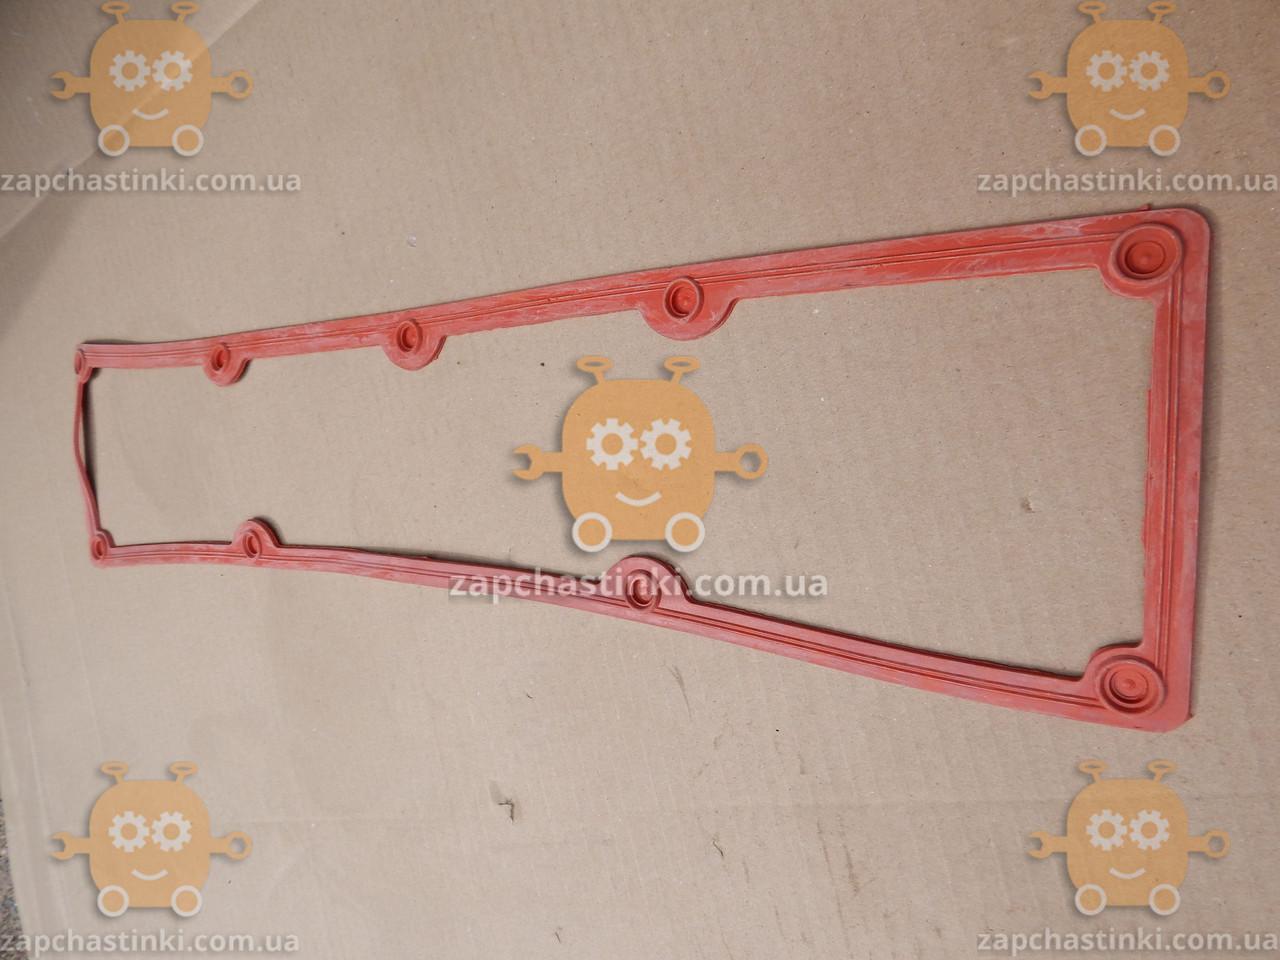 Прокладка клапанной крышки ЗИЛ 130 СИЛИКОН! Красная (пр-во Россия) АГ 6717